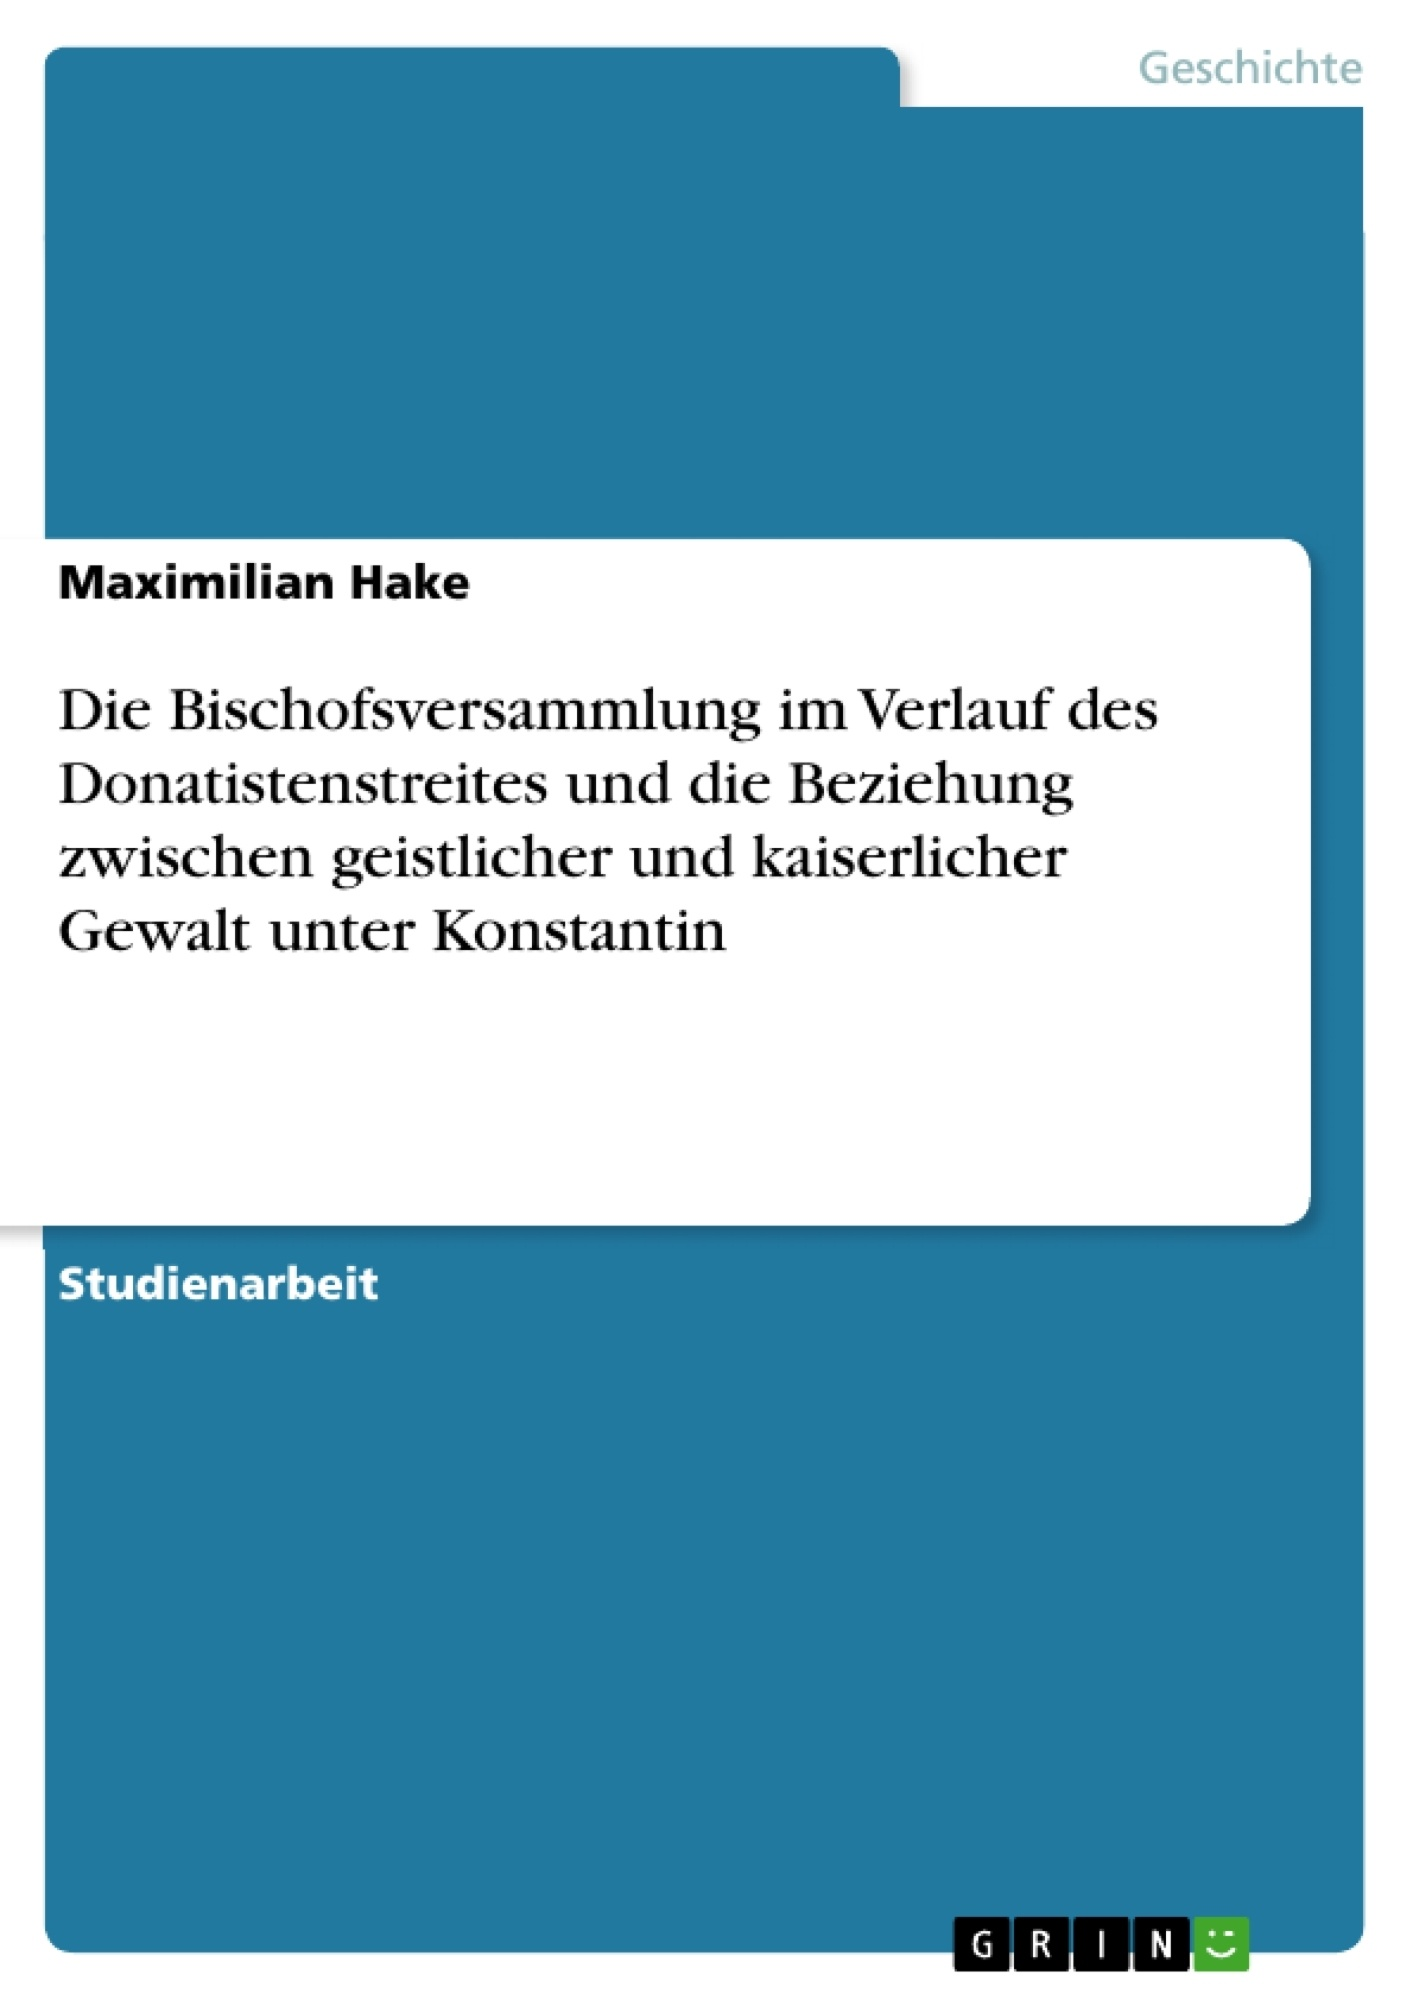 Titel: Die Bischofsversammlung im Verlauf des Donatistenstreites und die Beziehung zwischen geistlicher und kaiserlicher Gewalt unter Konstantin